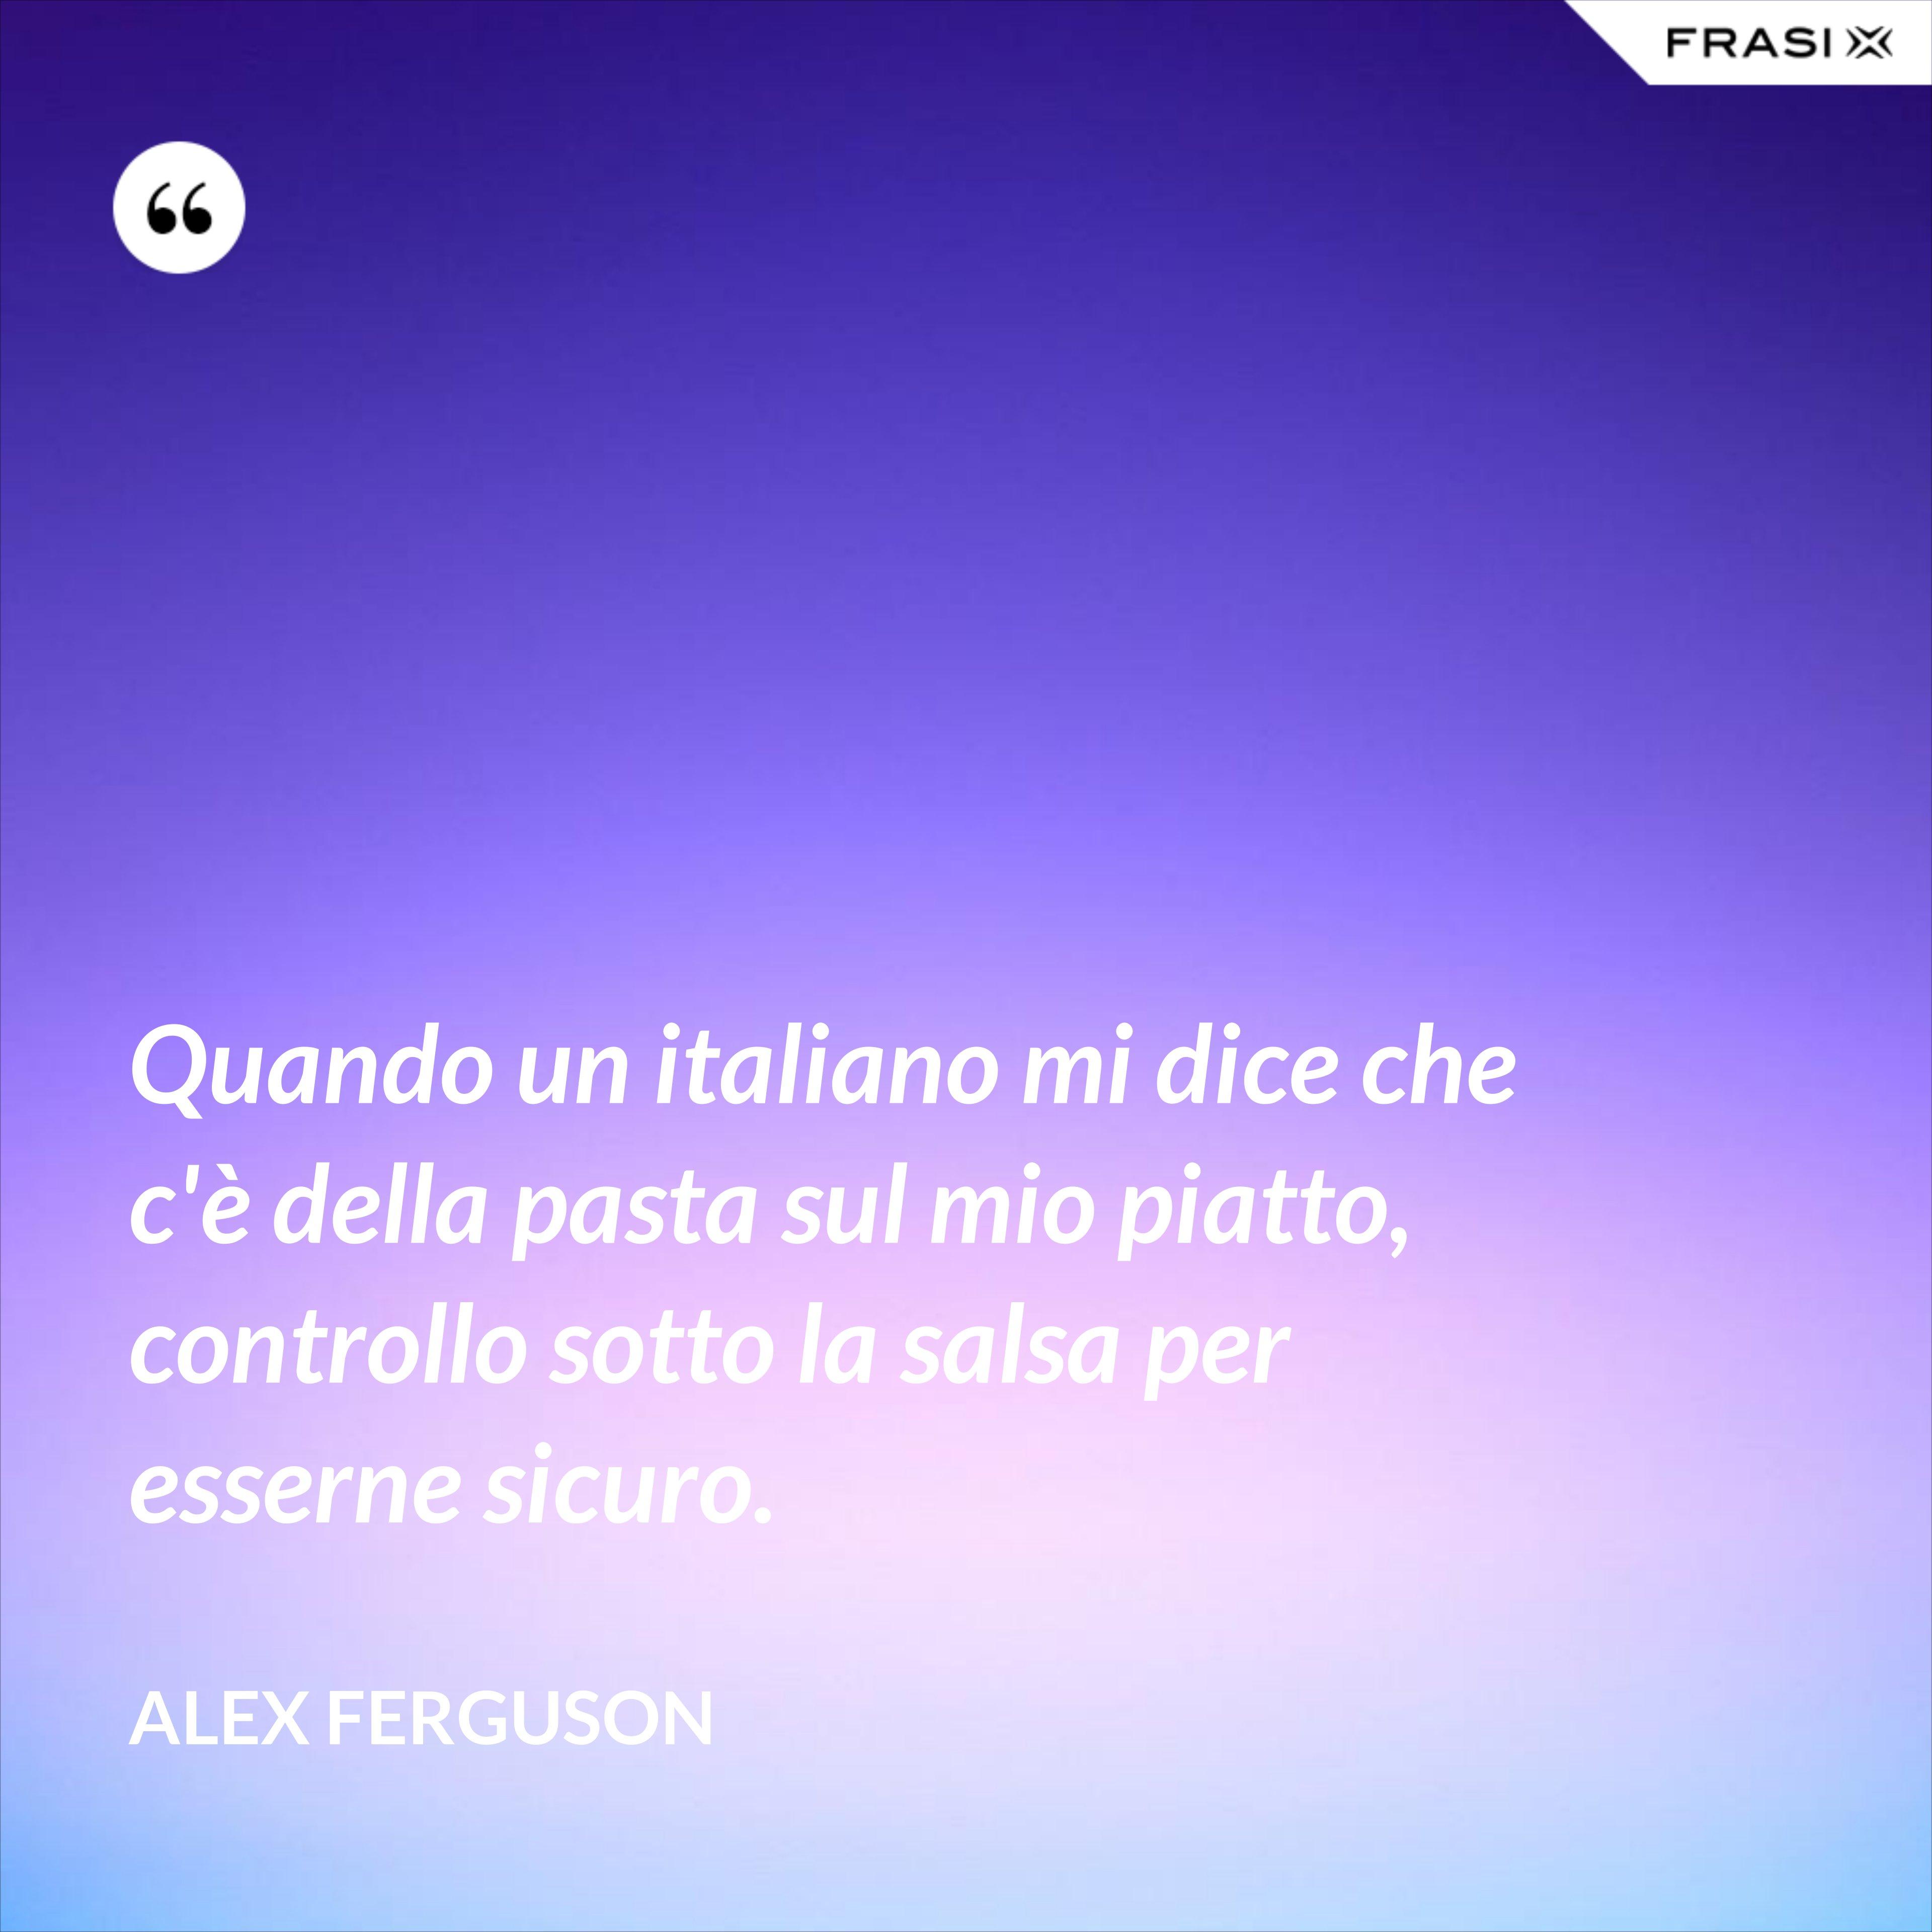 Quando un italiano mi dice che c'è della pasta sul mio piatto, controllo sotto la salsa per esserne sicuro. - Alex Ferguson